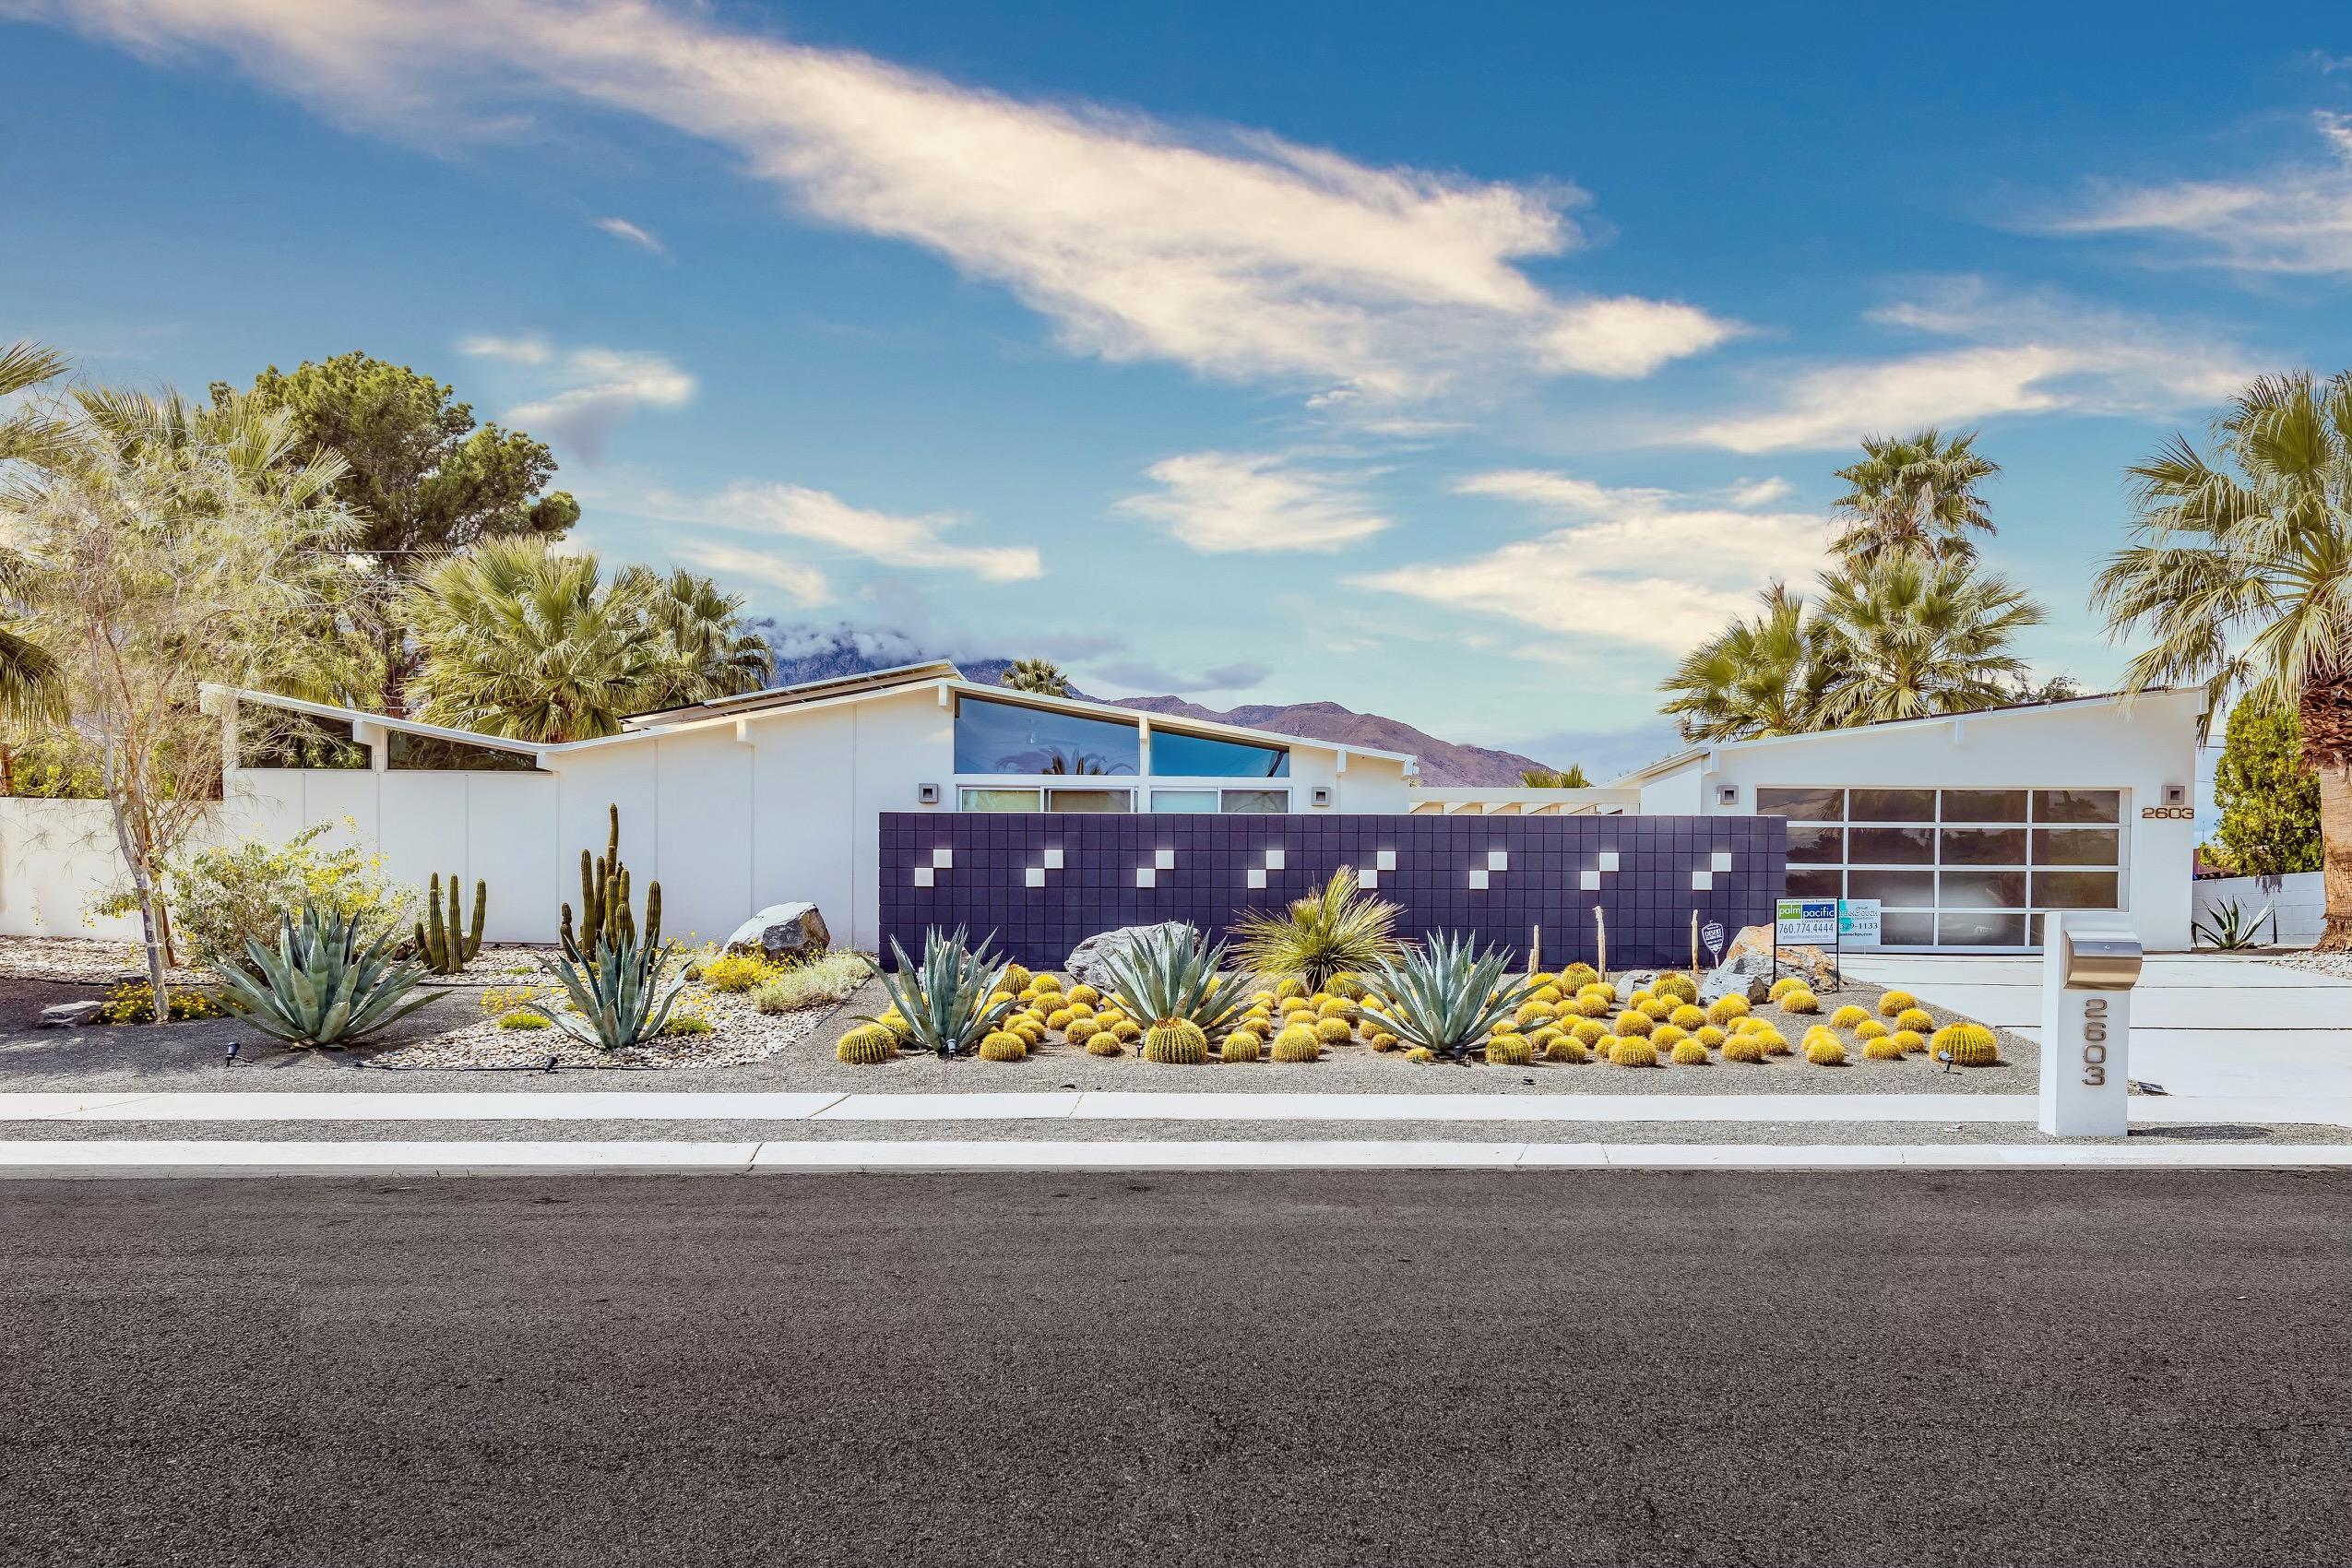 Photo of 2603 N Mccarn Road, Palm Springs, CA 92262